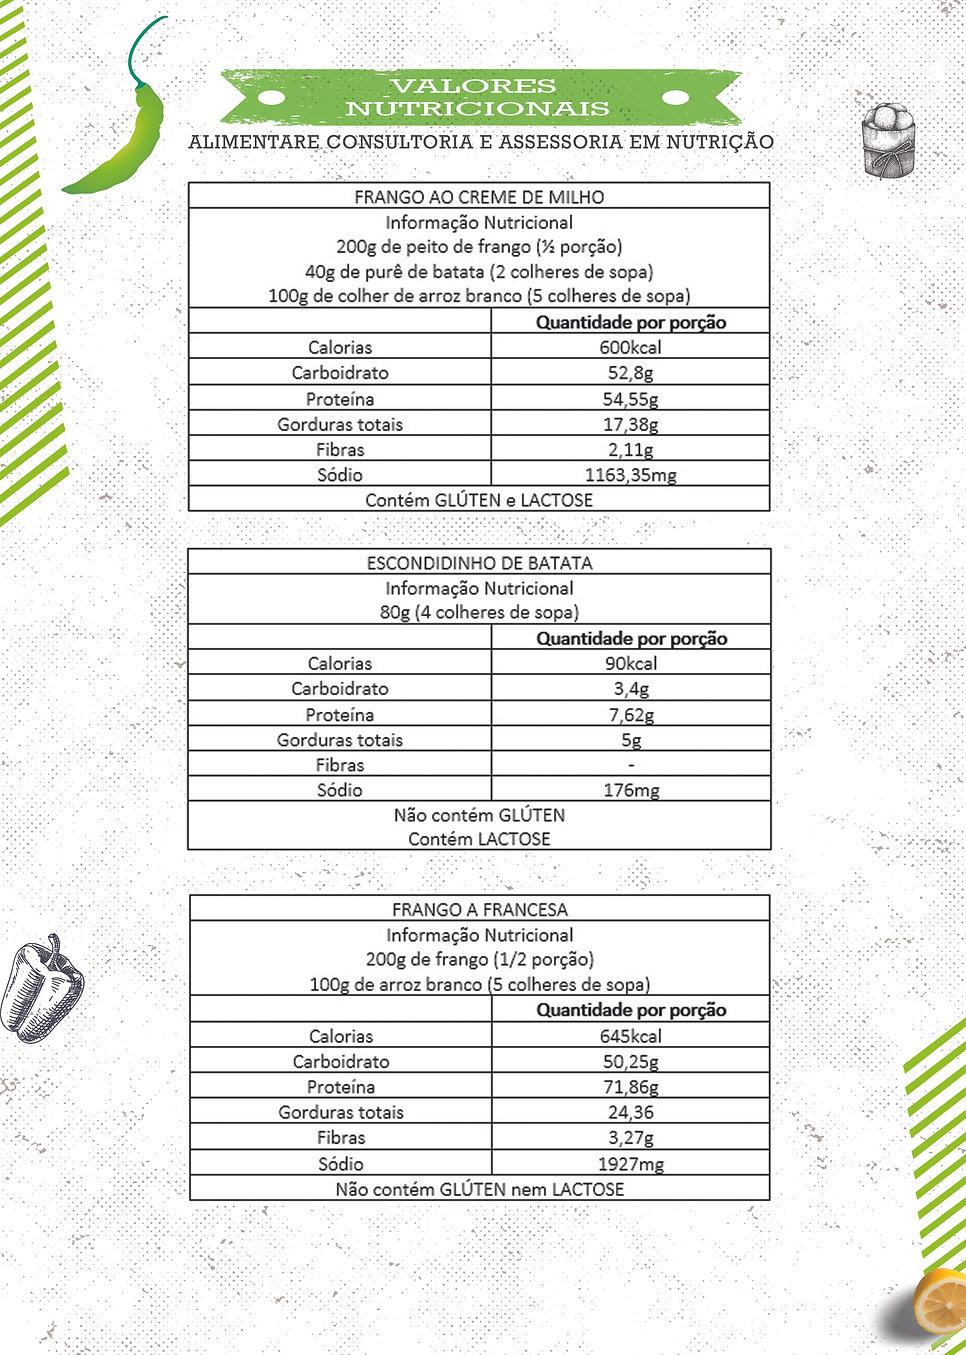 VALORES NUTRICIONAIS PAG 10.jpg